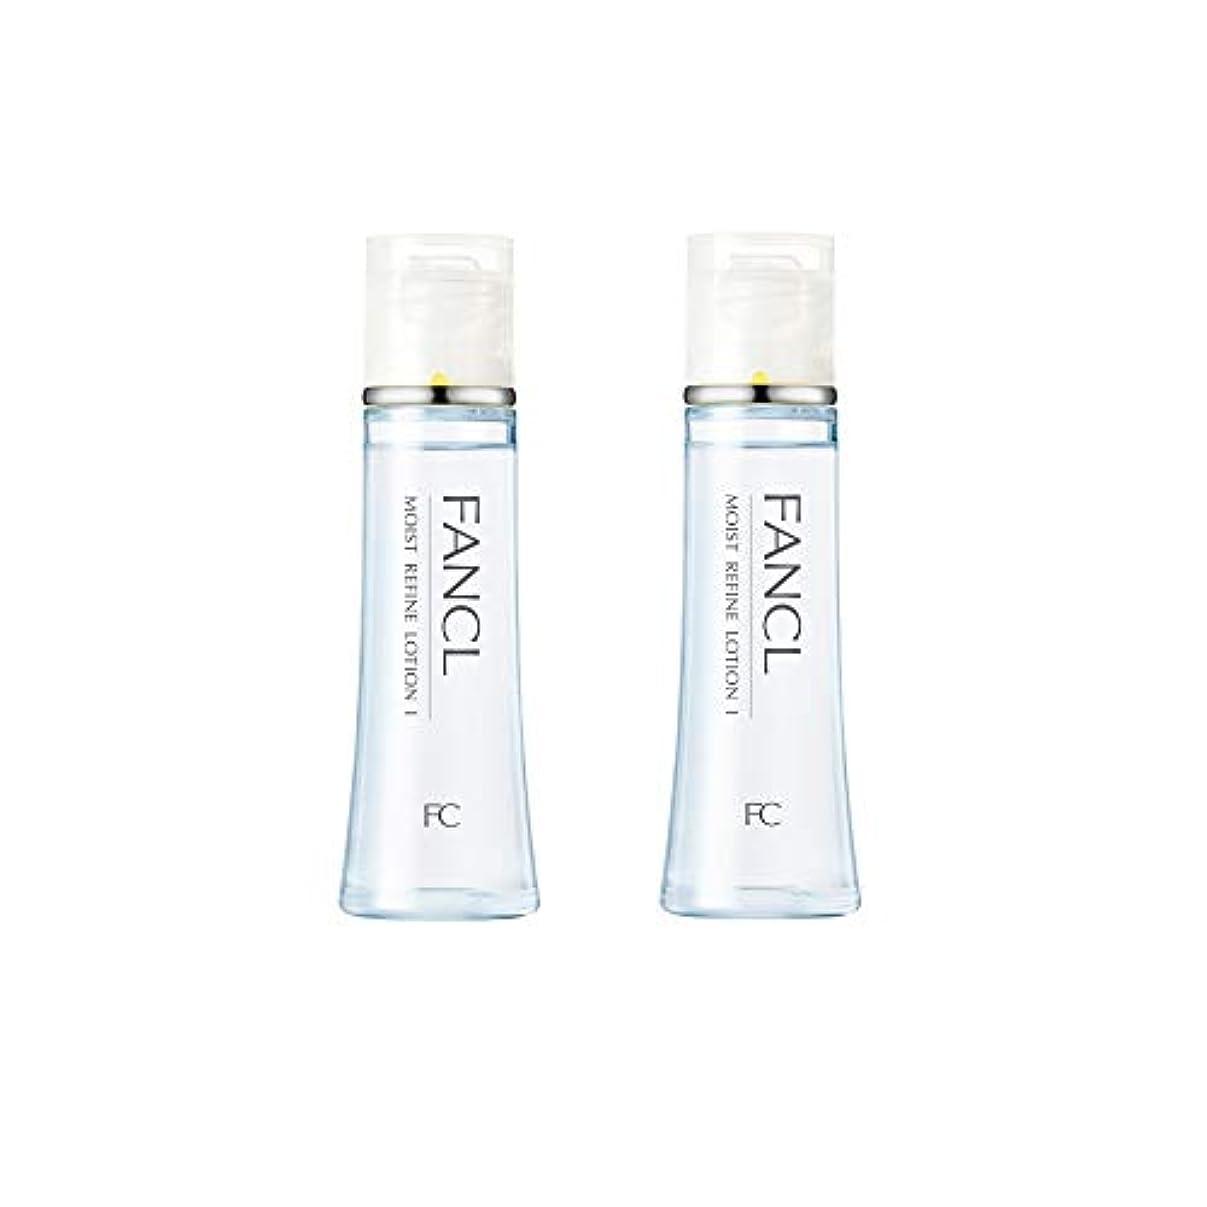 不良品クレジット排泄するファンケル (FANCL) モイストリファイン 化粧液I さっぱり 2本セット 30mL×2 (約60日分)